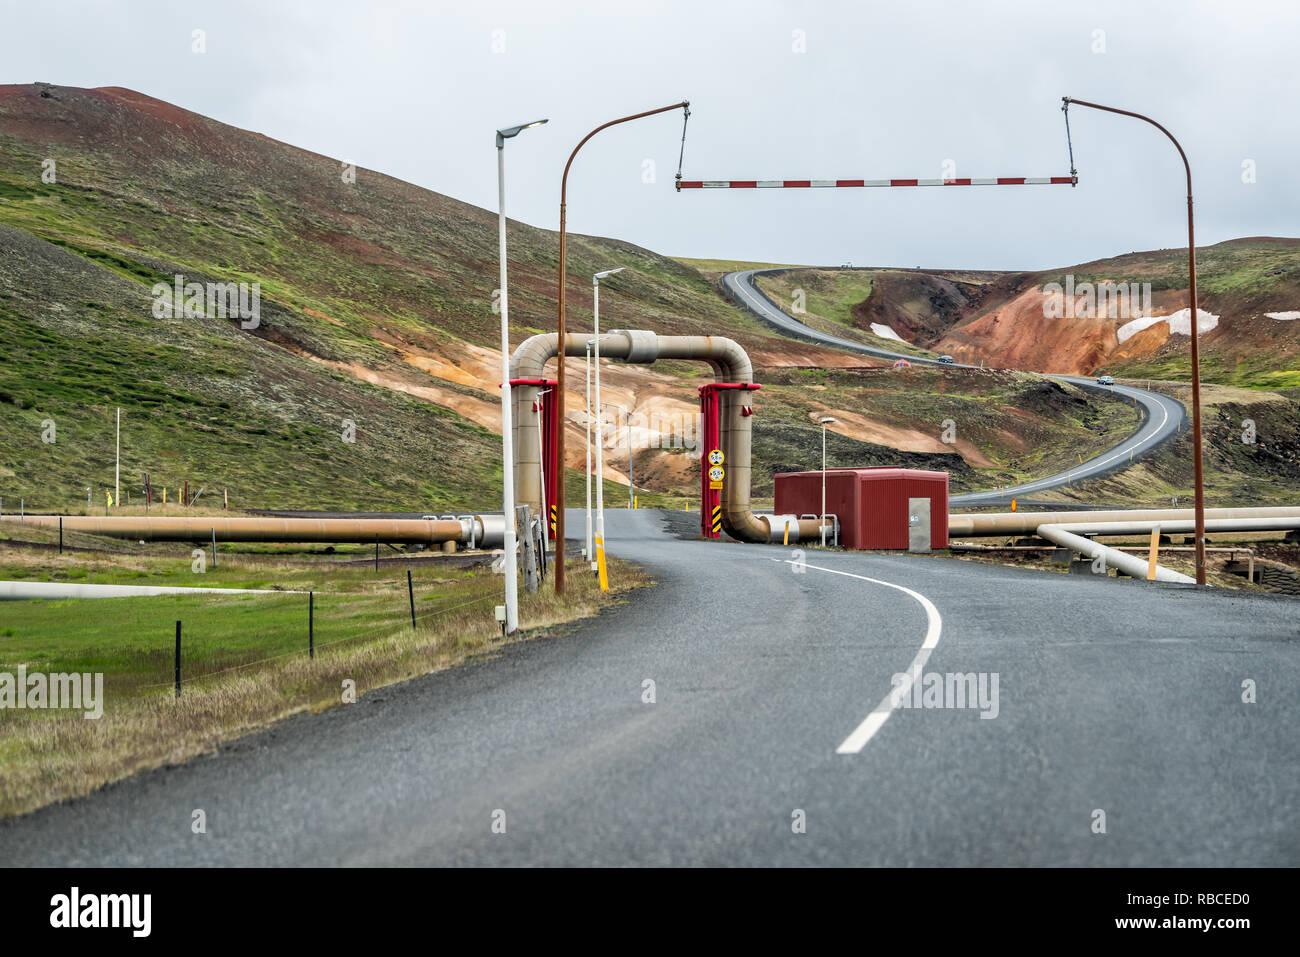 Krafla, Islande - 16 juin 2018: Kroflustod Power Station près de volcan et lac Myvatn en utilisant l'énergie géothermique avec route asphaltée et tuyaux Photo Stock